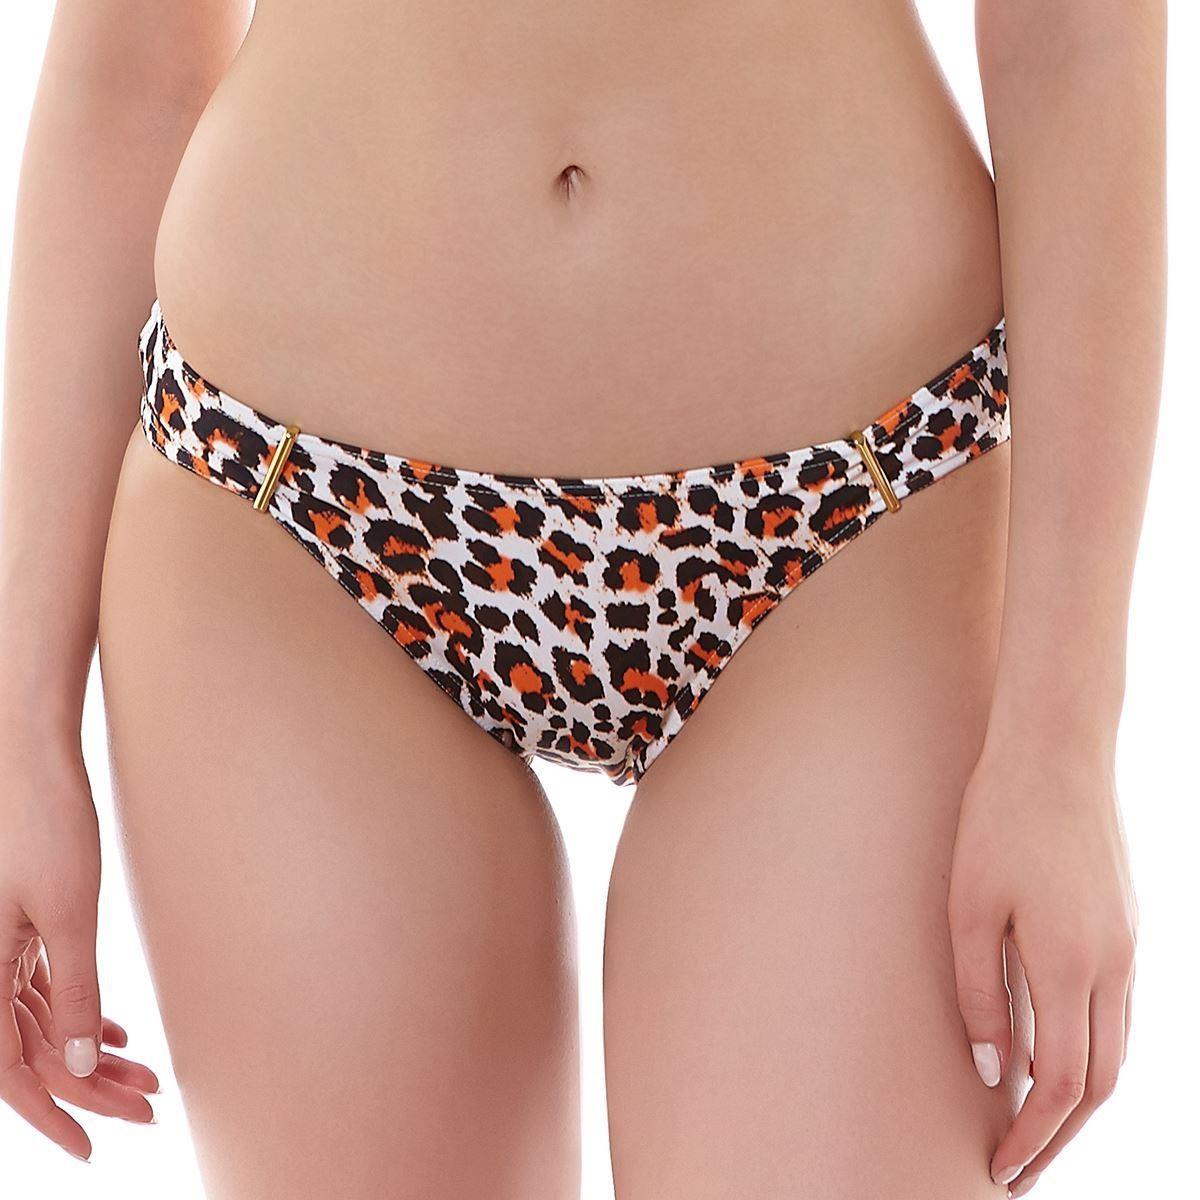 Freya Sabor Hipster Bikini Brief - Spice